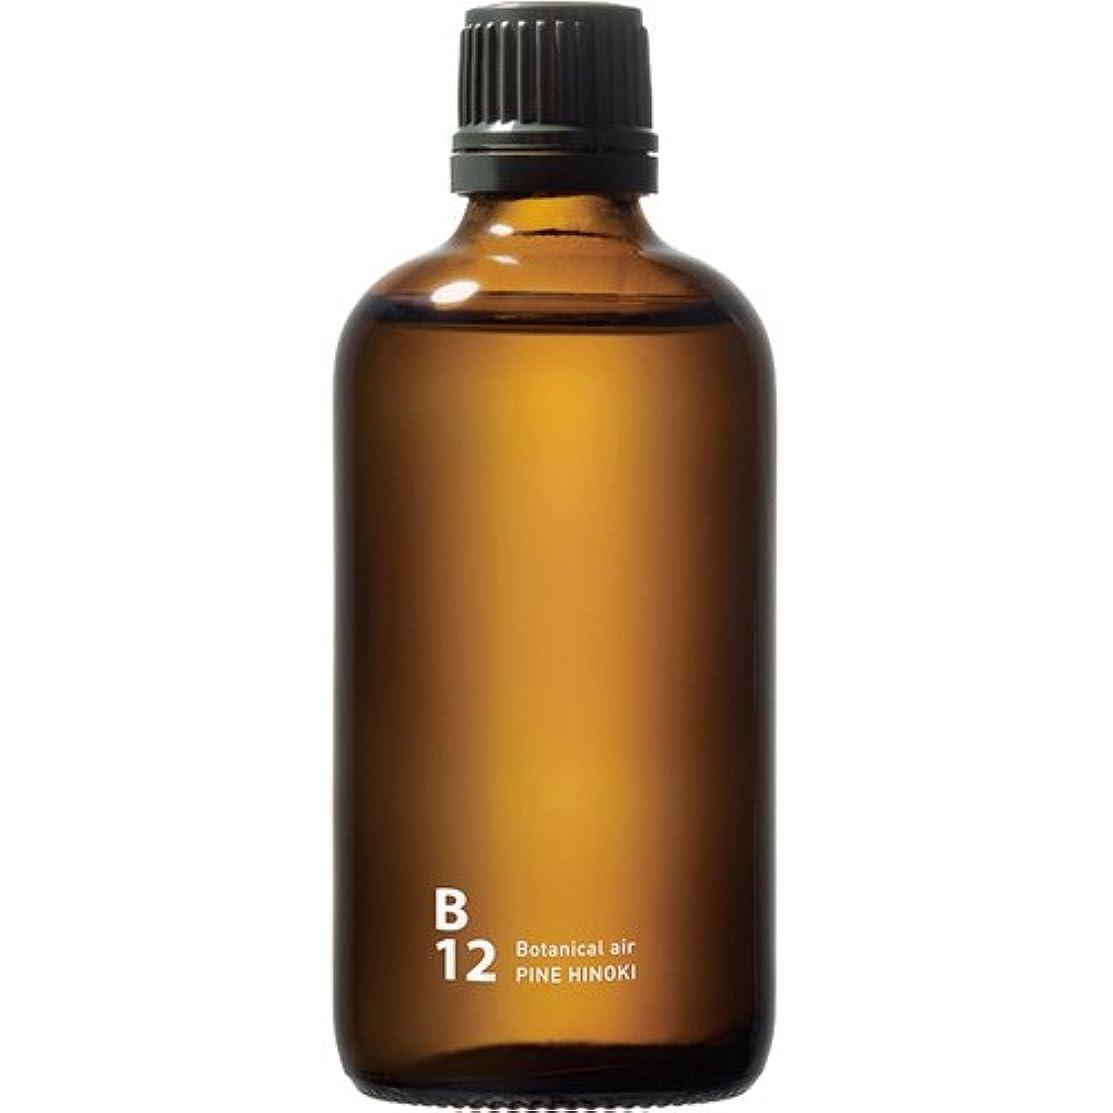 手首小道適用済みB12 PINE HINOKI piezo aroma oil 100ml